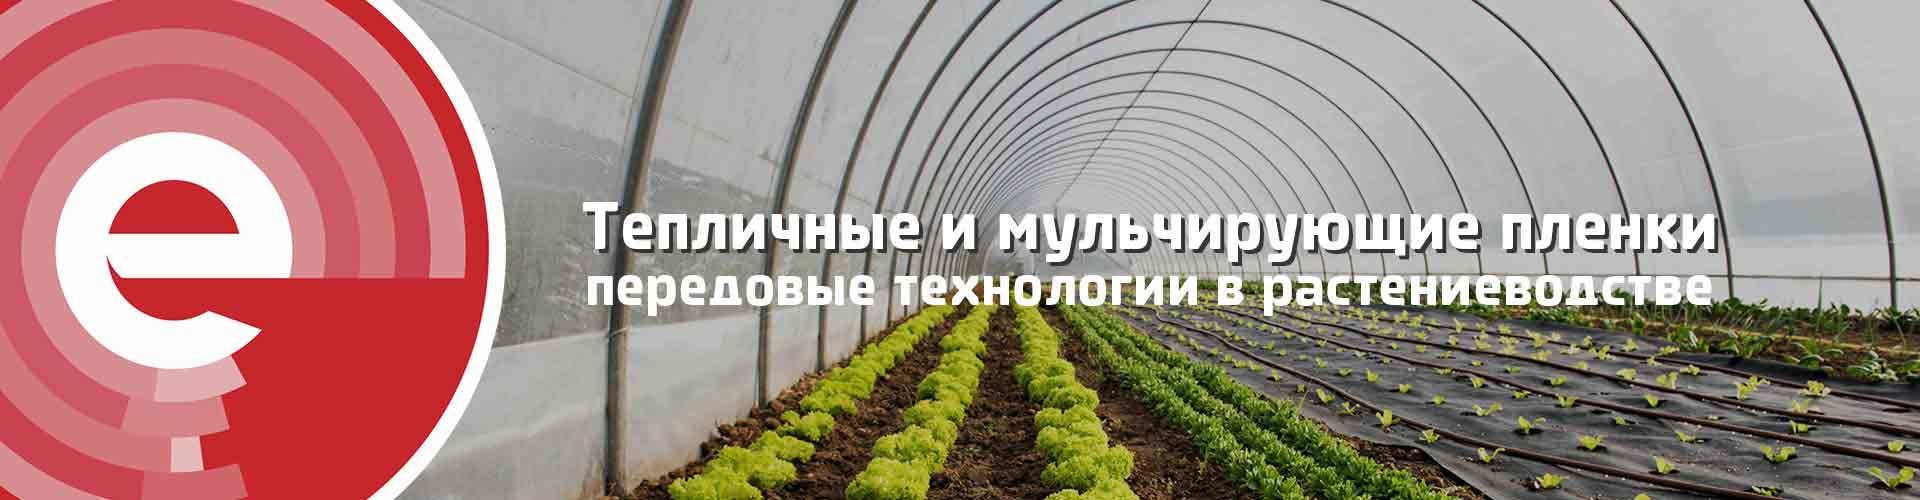 Тепличная и мульчирующая пленка для растениеводства